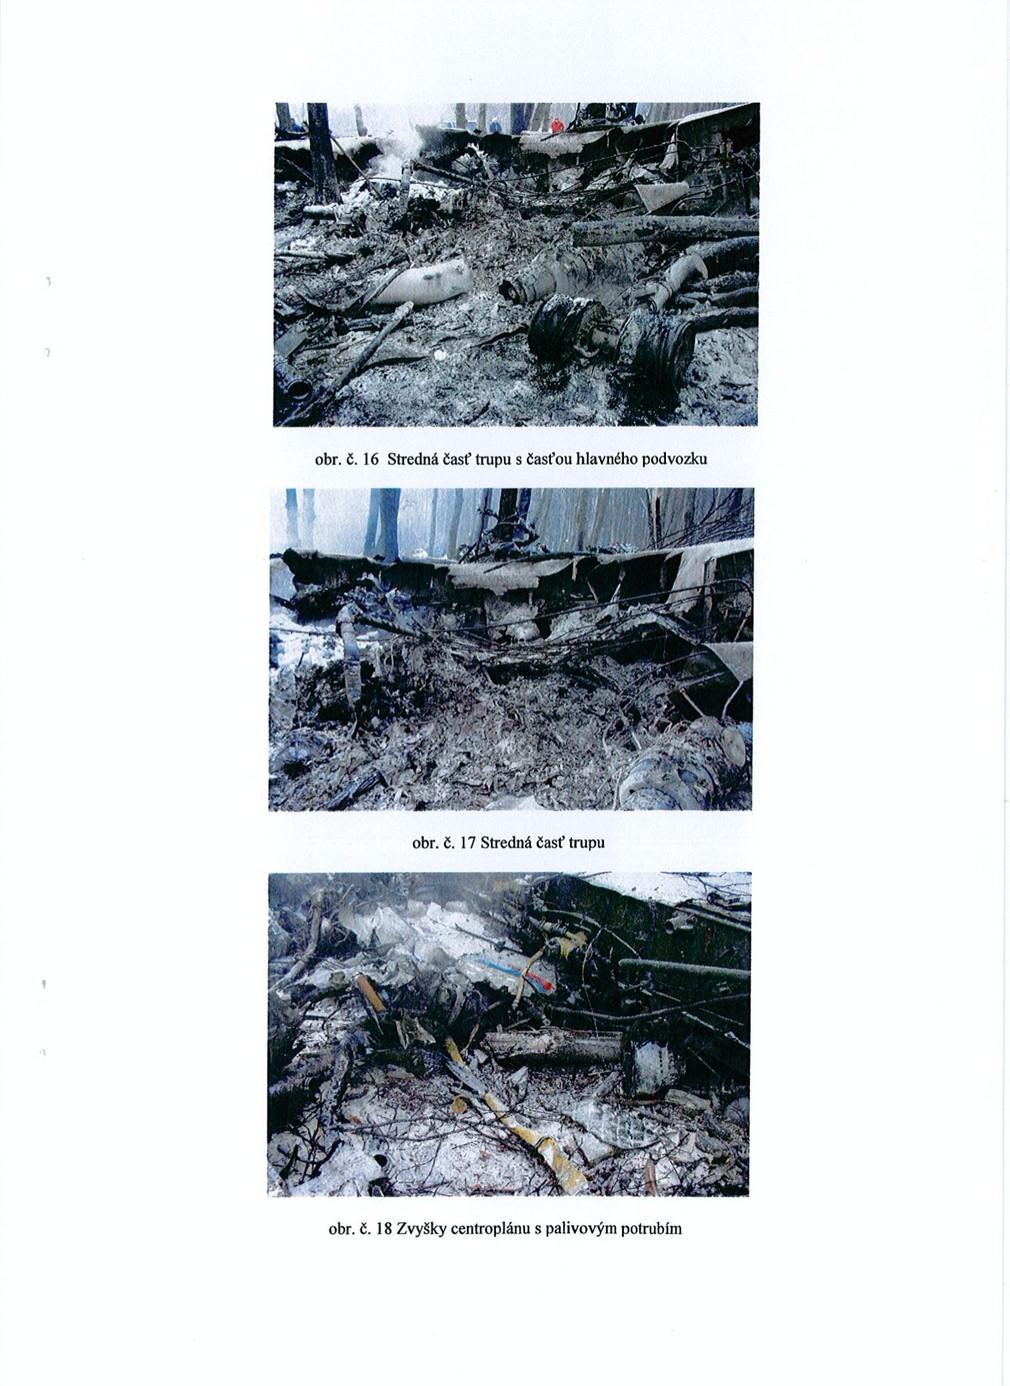 Odtajnený spis havárie lietadla v  Hejciach